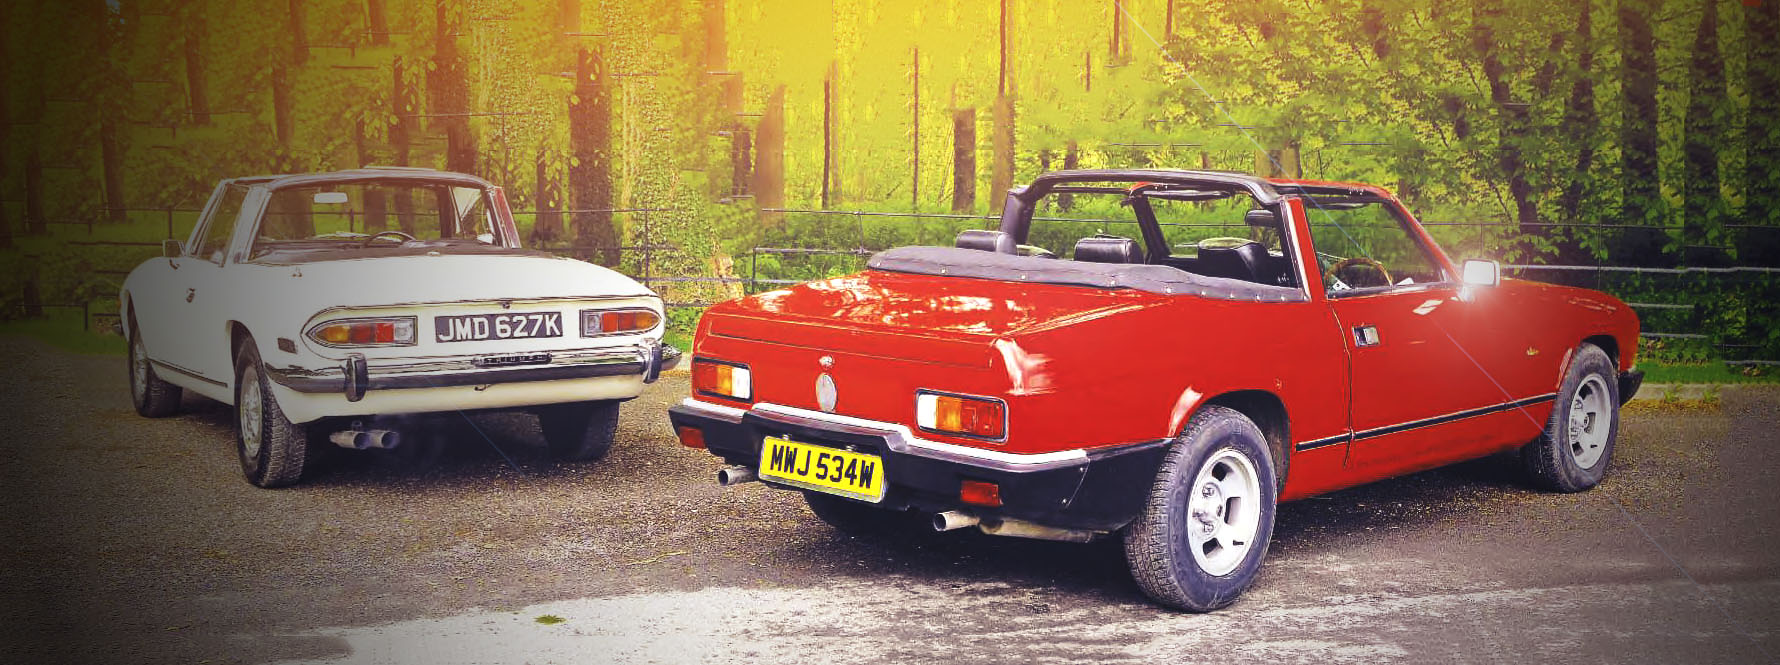 Reliant Scimitar GTC vs. Triumph Stag